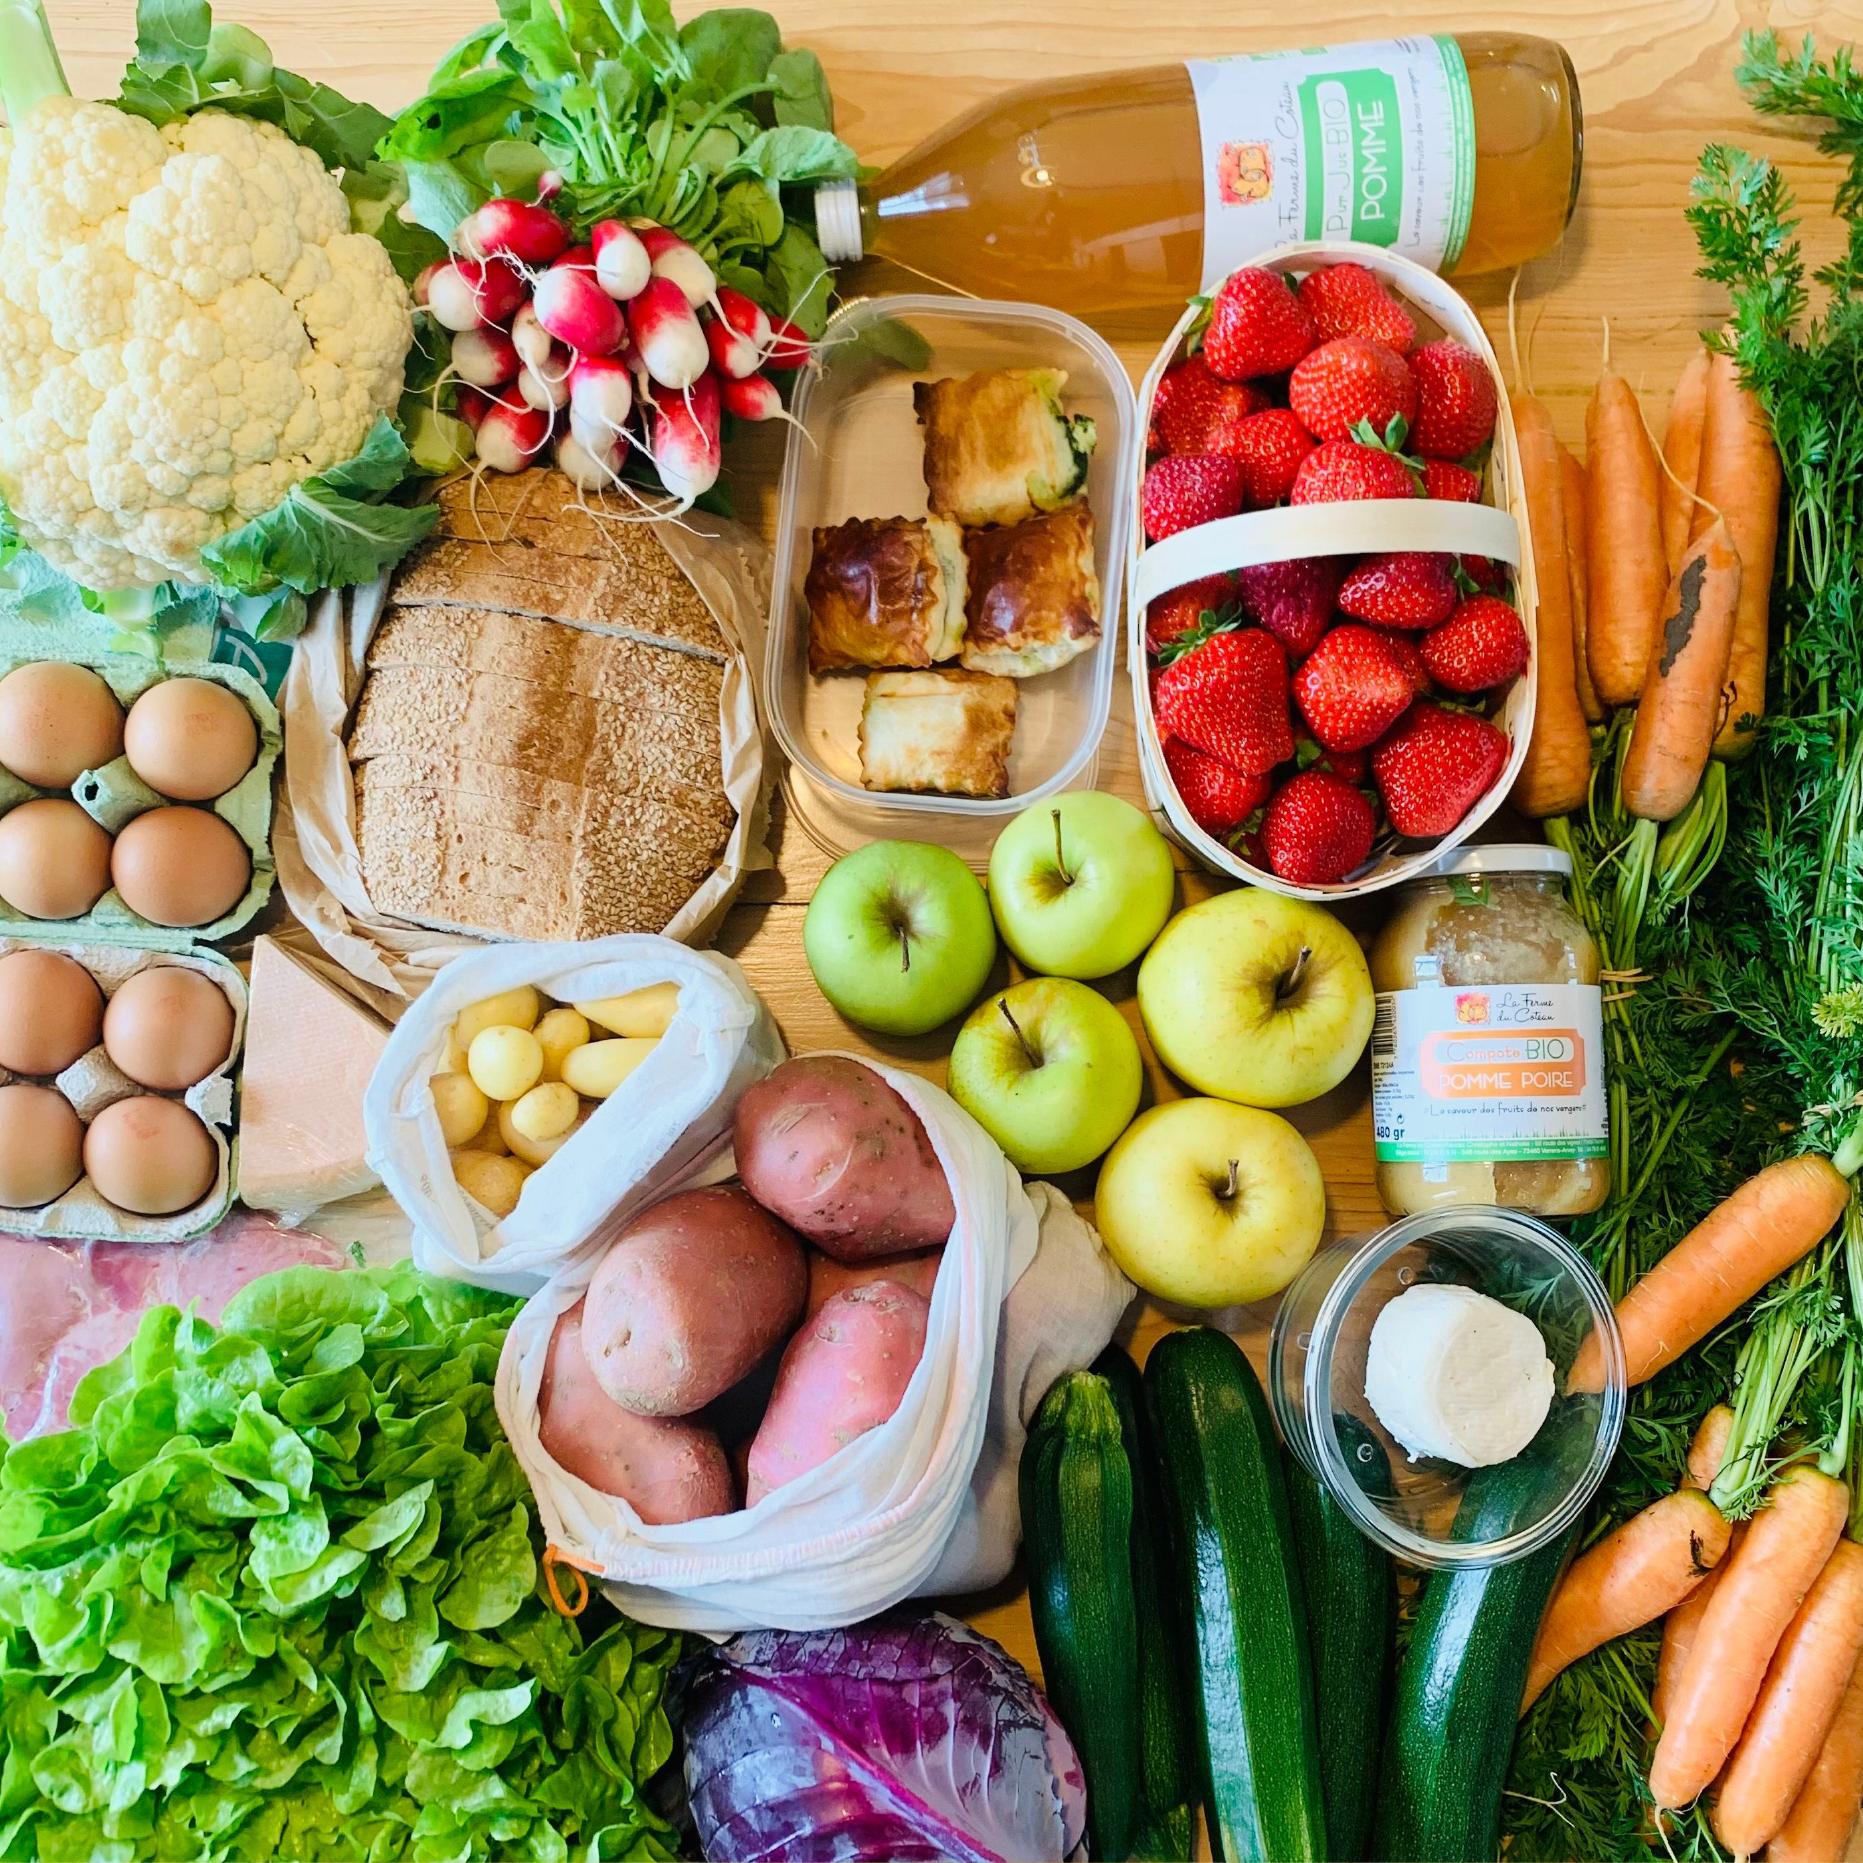 fruits et légumes frais dans des emballages respectant l'environnement